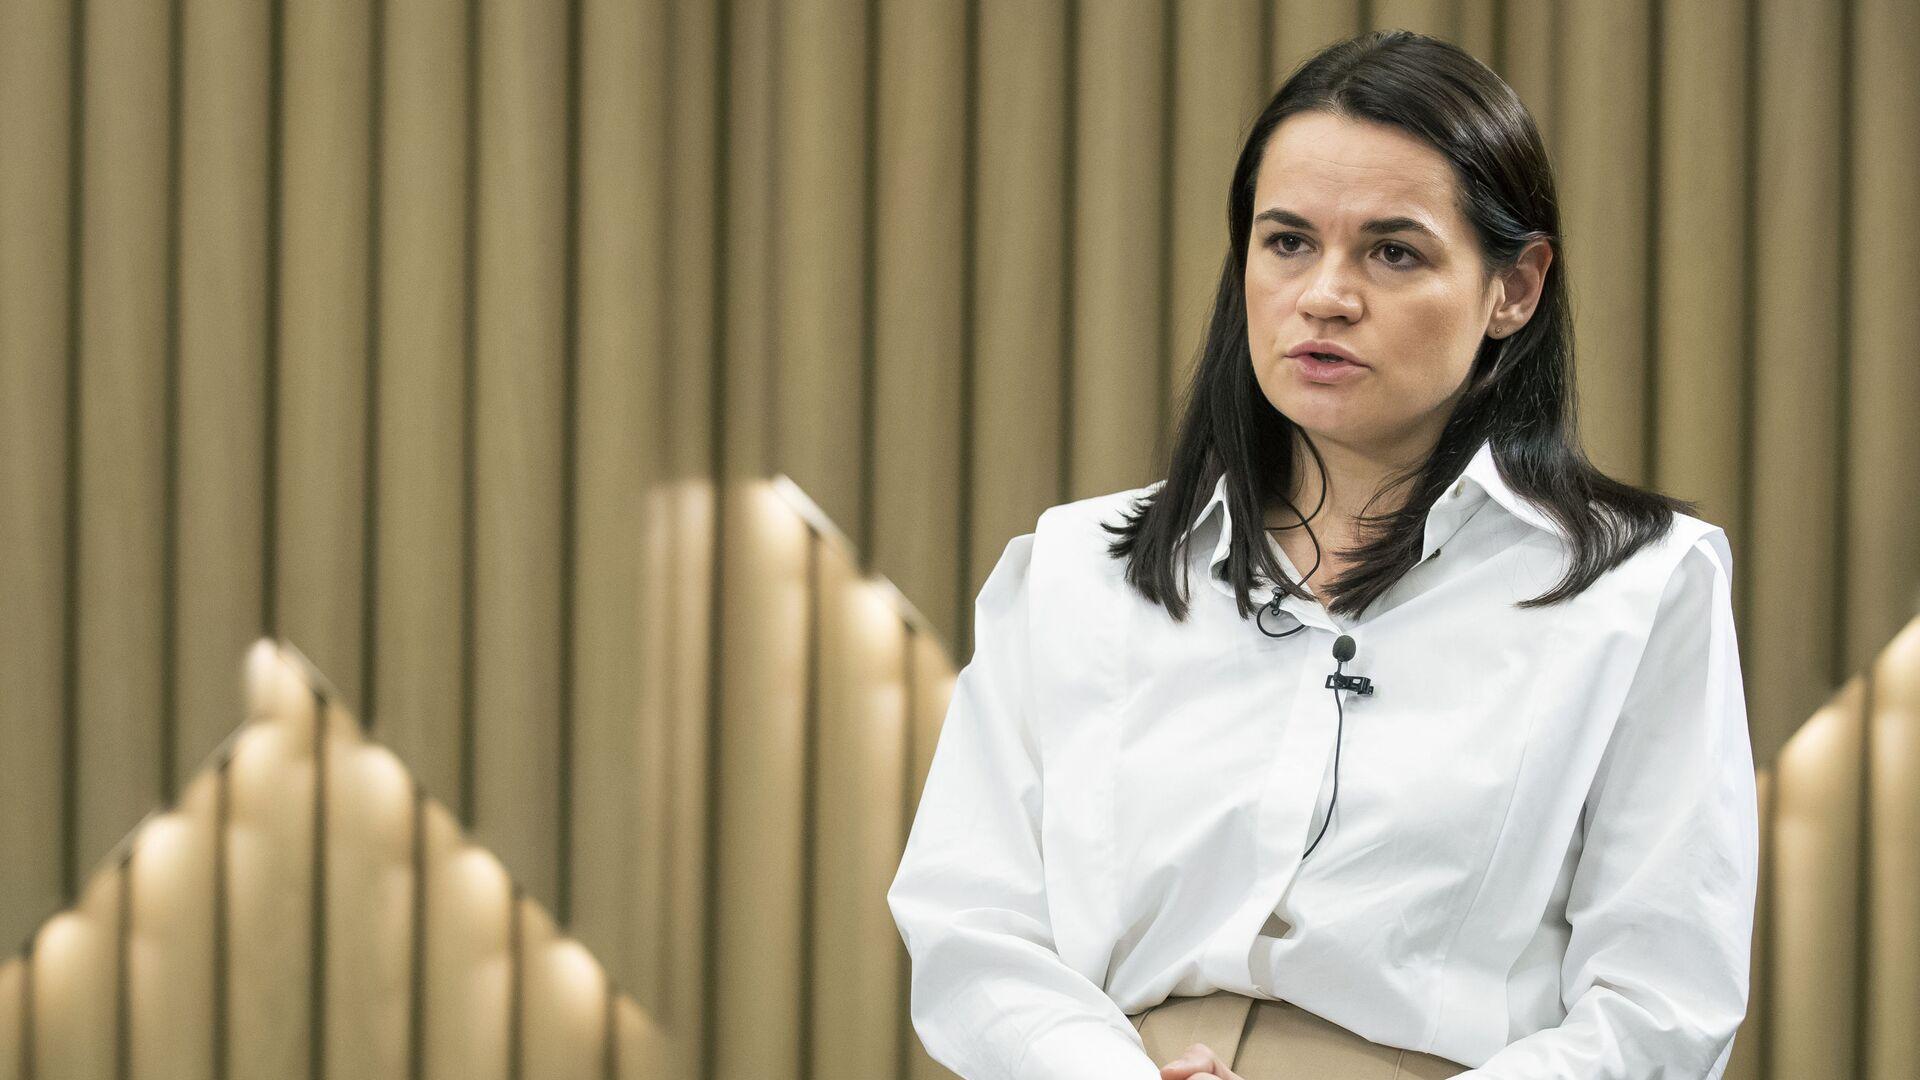 Bývalá kandidátka na úřad běloruského prezidenta Světlana Tichanovská v Litvě - Sputnik Česká republika, 1920, 06.06.2021